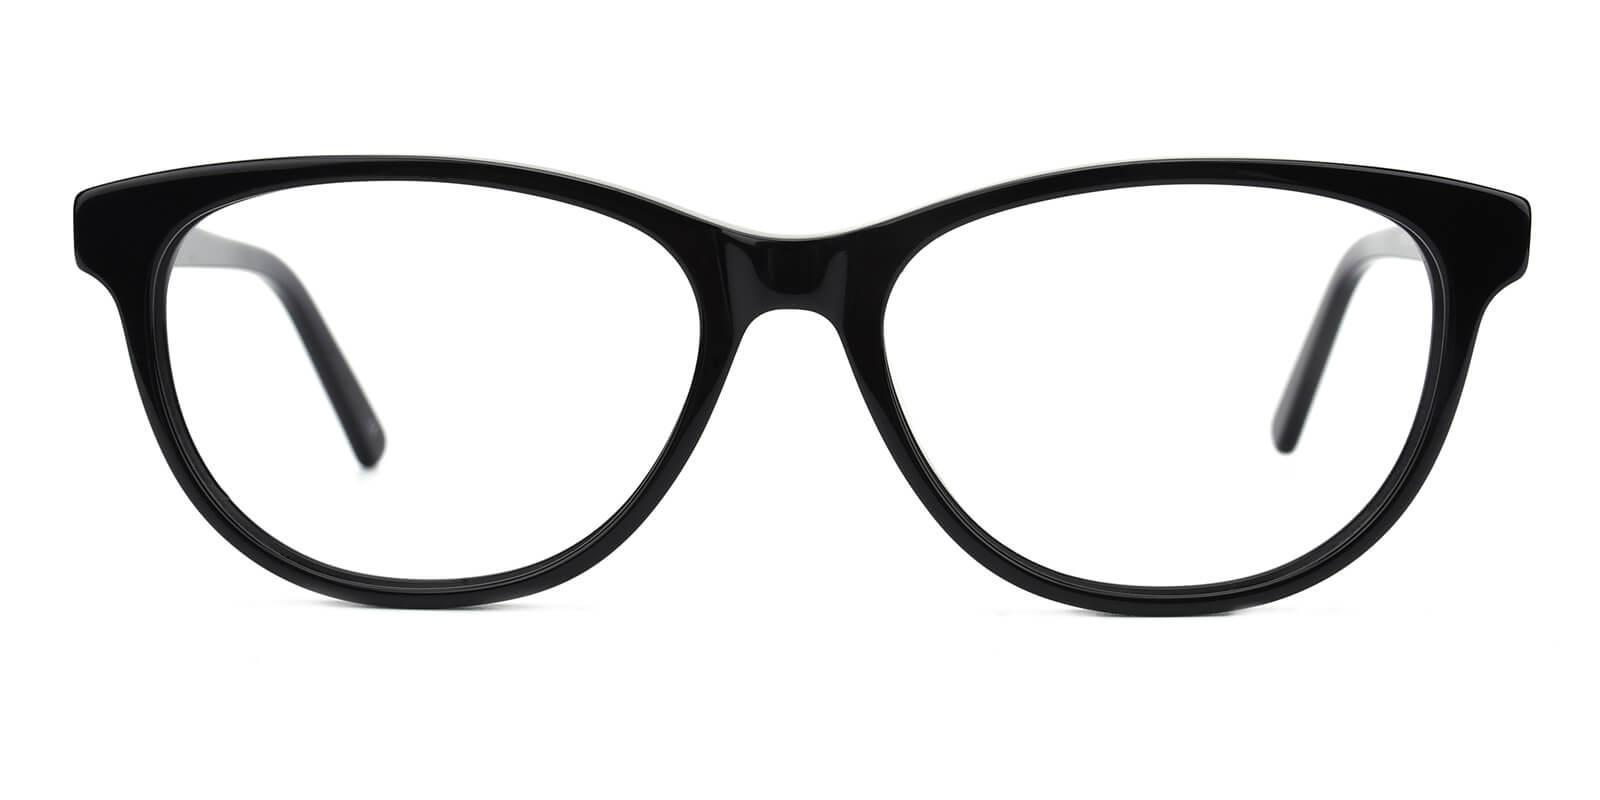 Neptunus-Black-Cat-Acetate-Eyeglasses-additional2